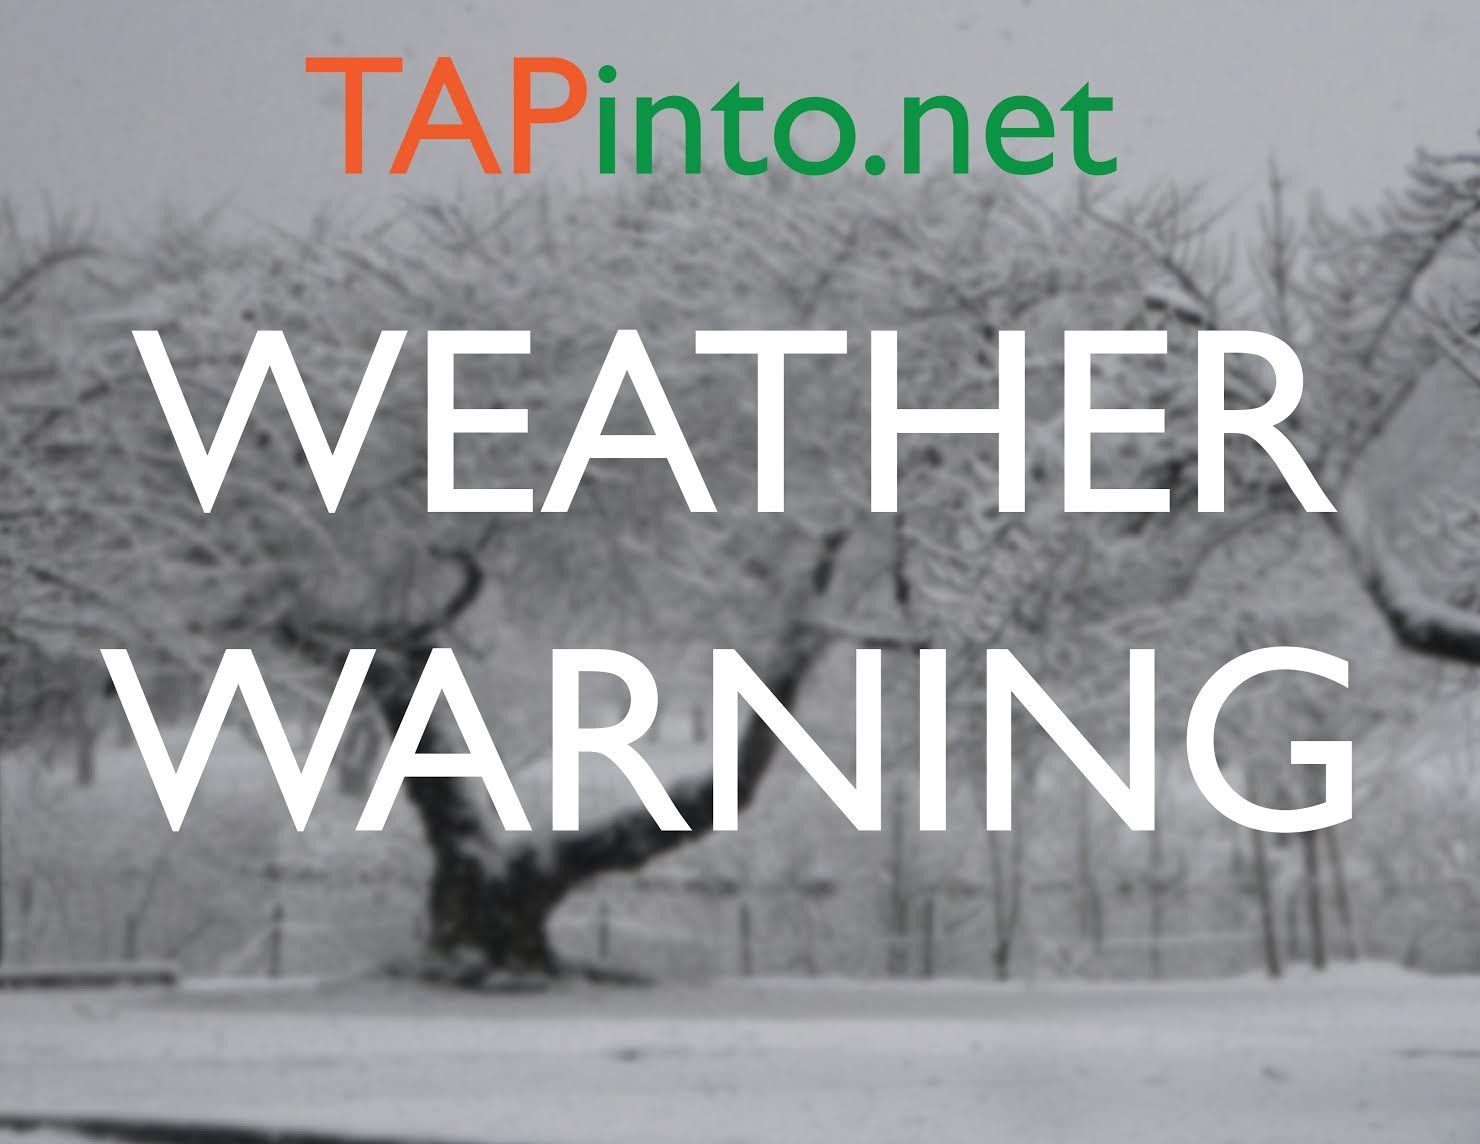 35d242151eef1499d15c_weather_warning.jpg